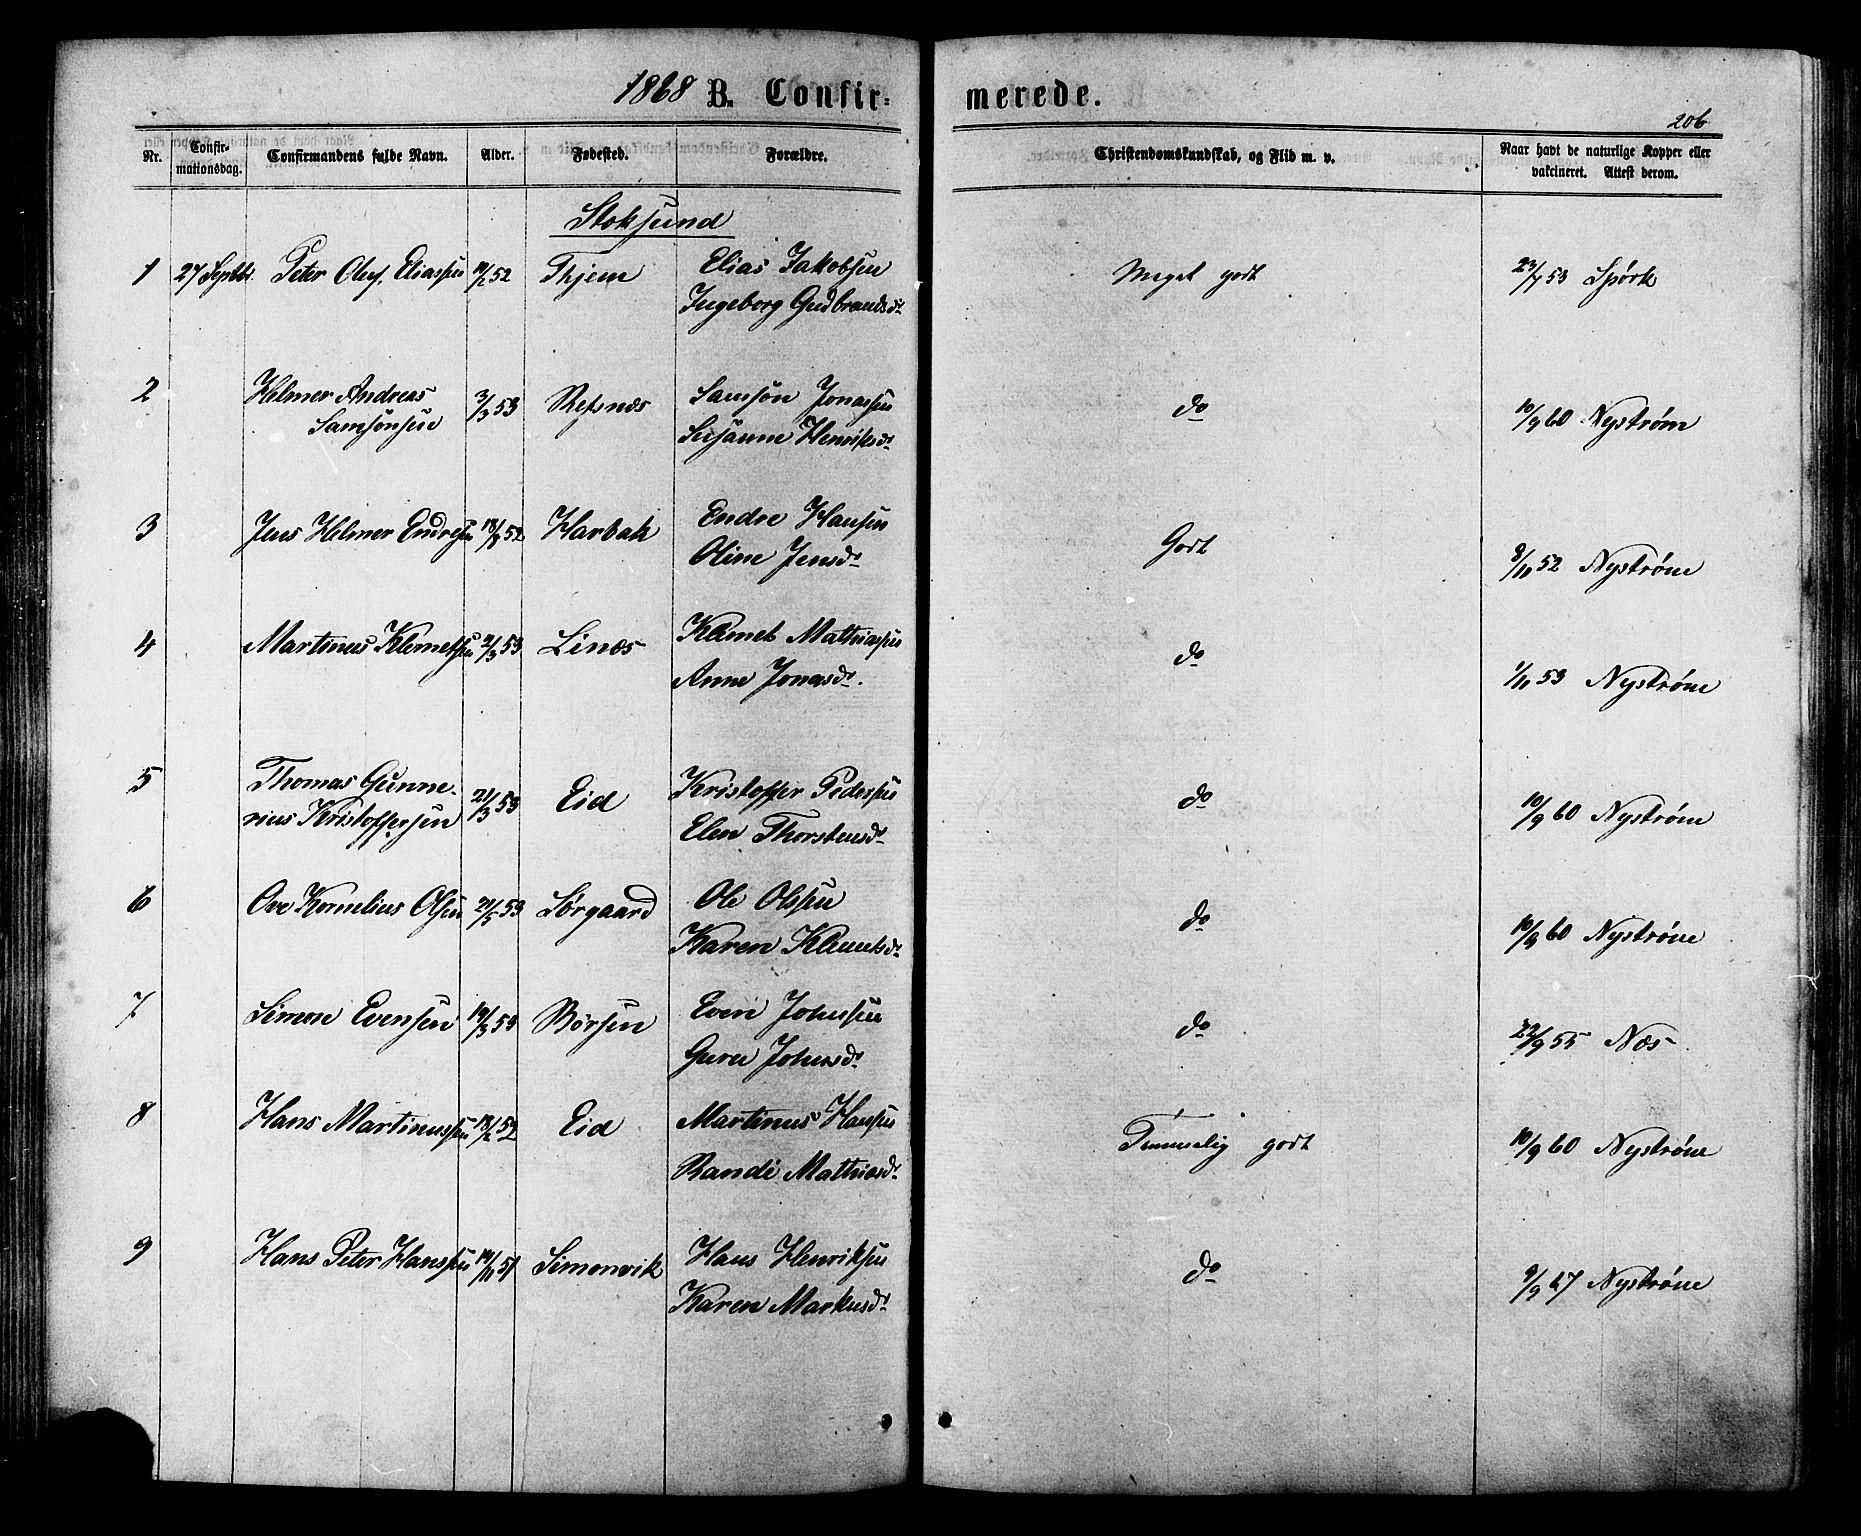 SAT, Ministerialprotokoller, klokkerbøker og fødselsregistre - Sør-Trøndelag, 657/L0706: Ministerialbok nr. 657A07, 1867-1878, s. 206